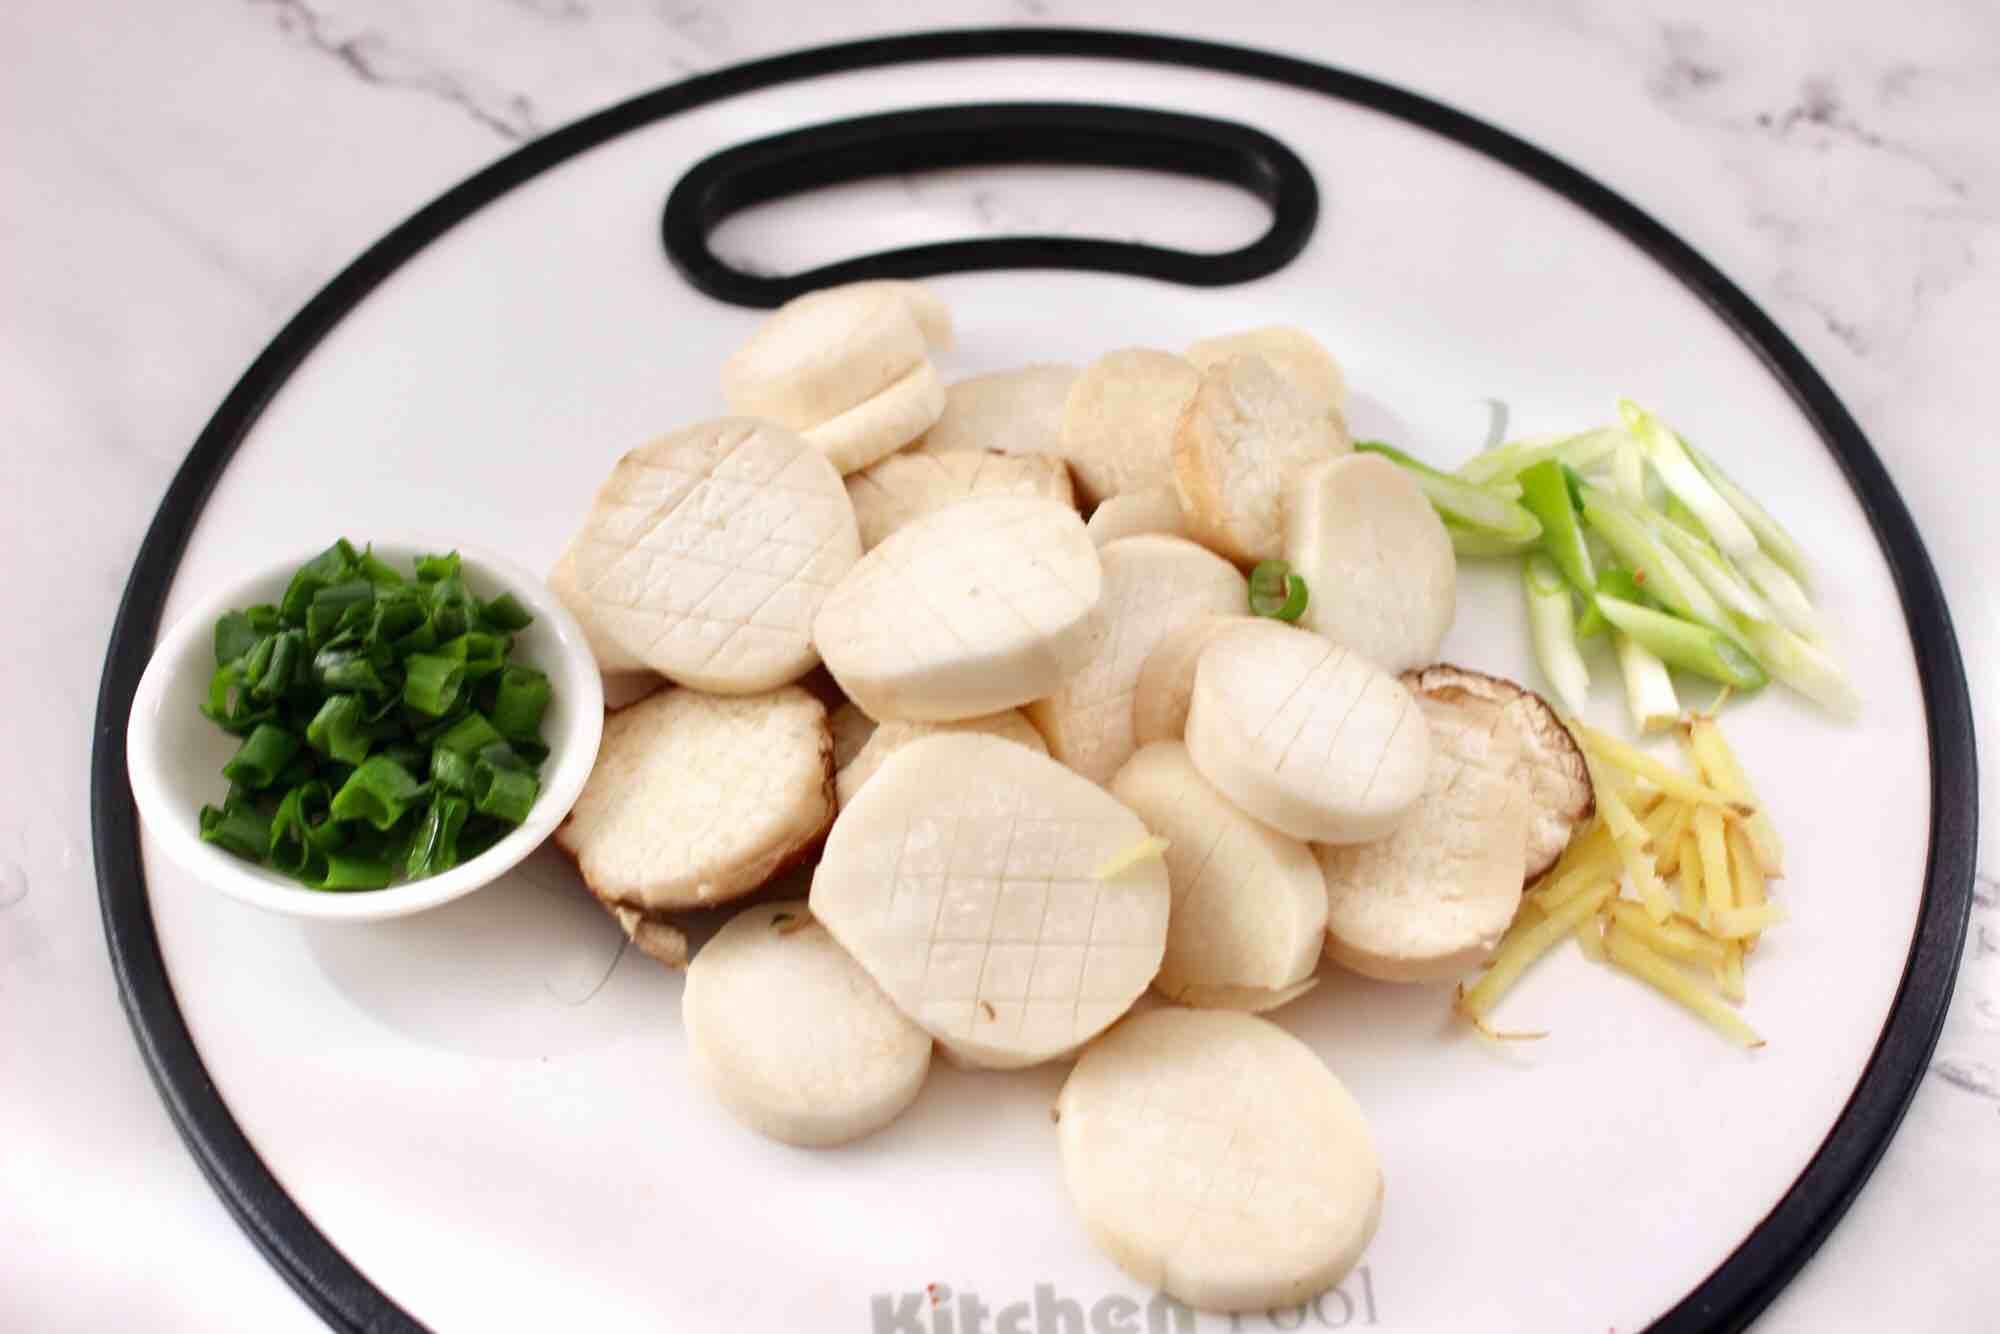 杏鲍菇扇贝花肉煲的做法图解